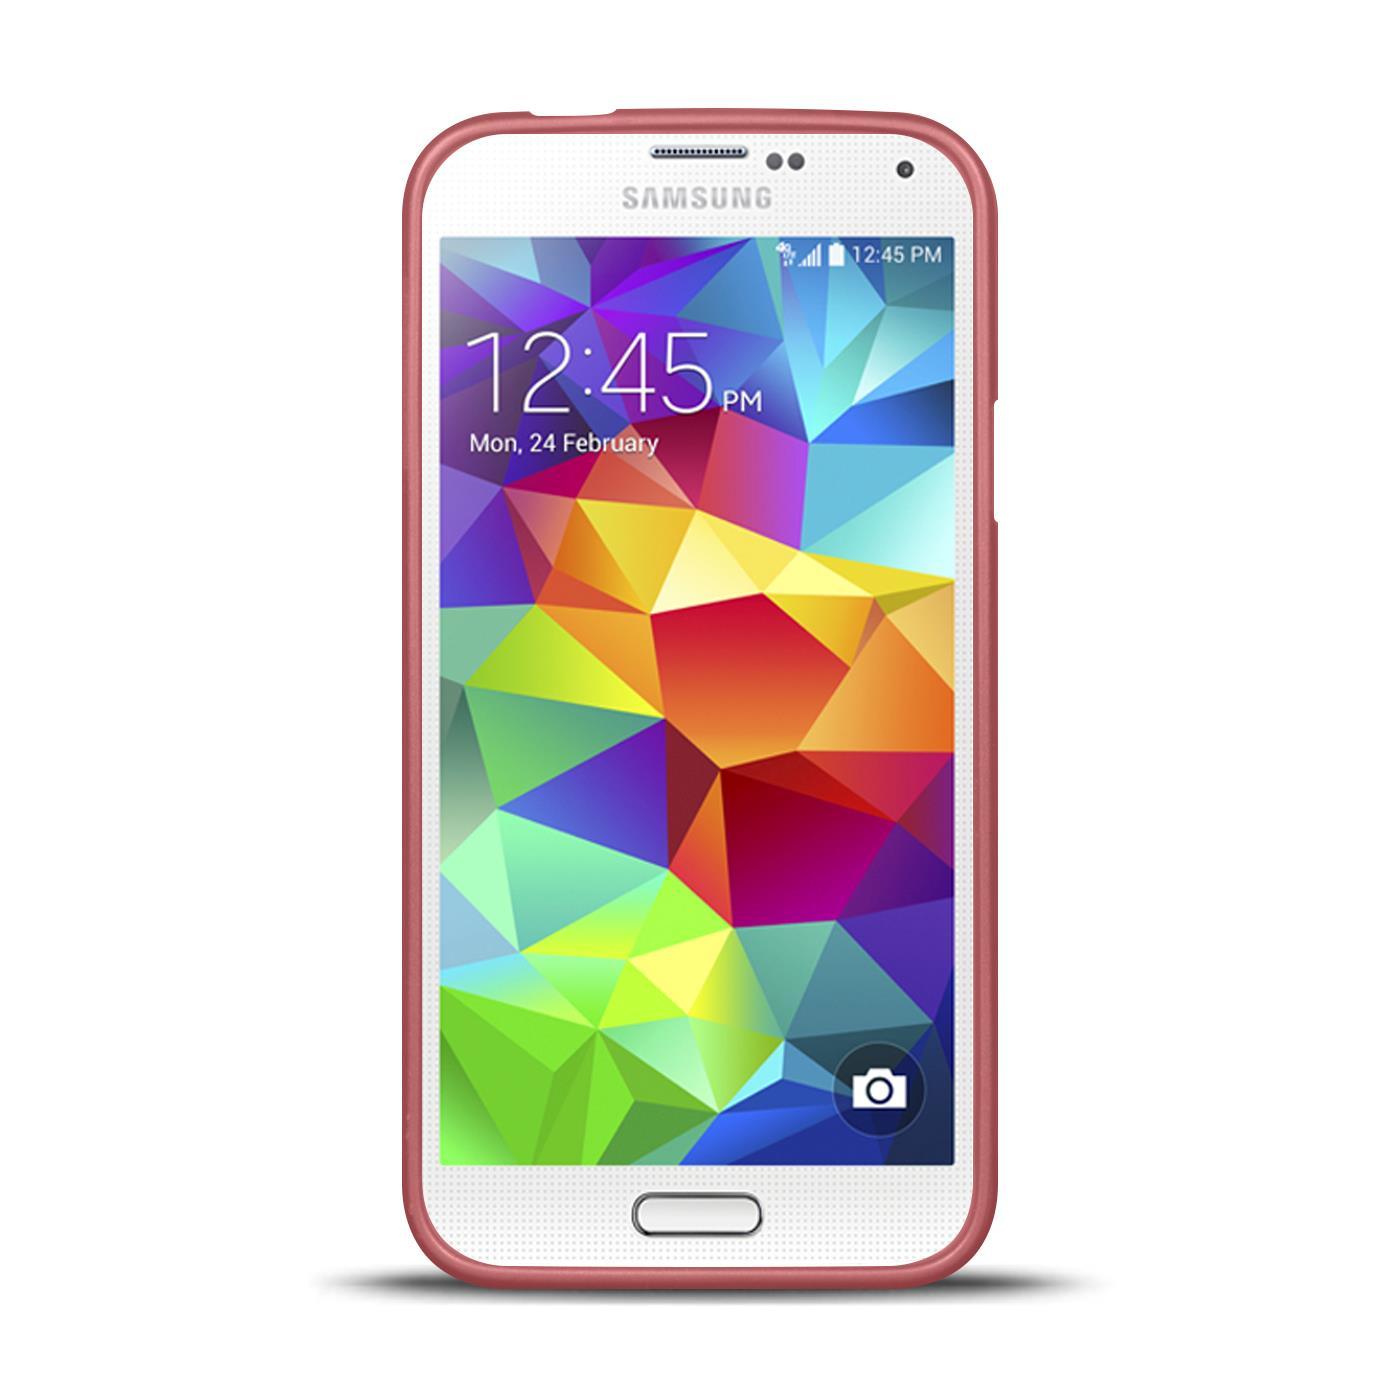 Silikon-Bumper-Case-Samsung-Galaxy-s5-Neo-duenne-ultra-slim-Stossfeste-Rueckschale Indexbild 23